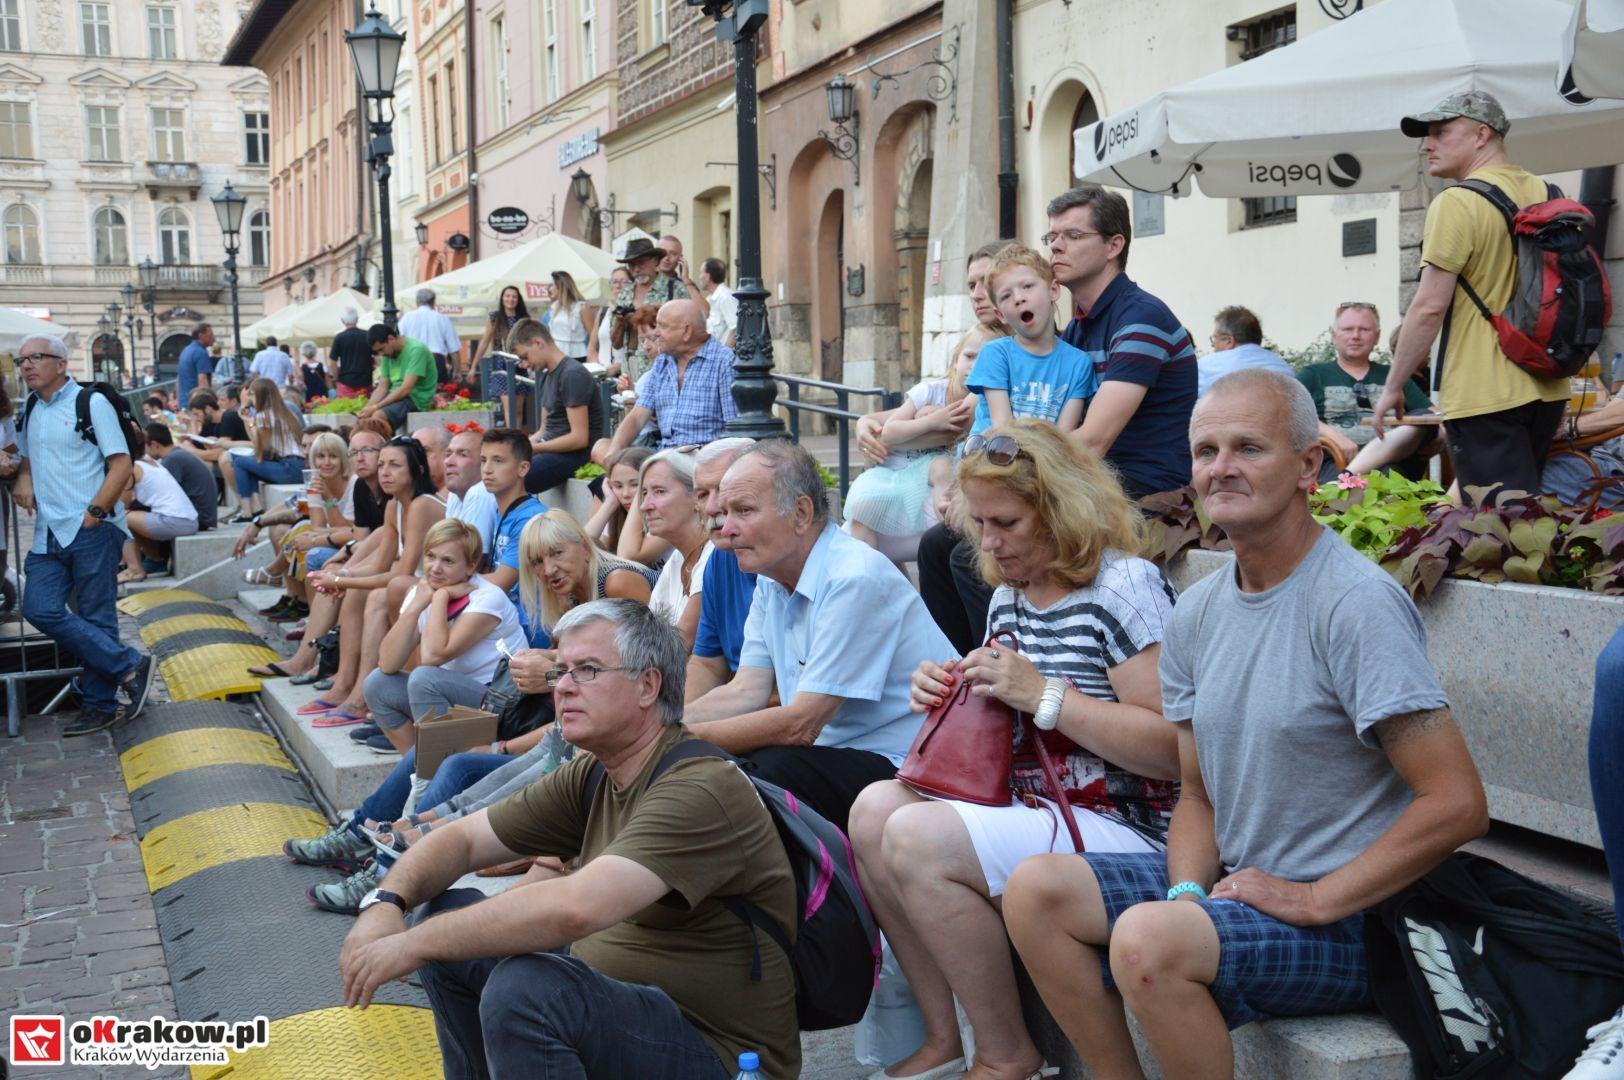 krakow festiwal pierogow maly rynek koncert cheap tobacco 127 150x150 - Galeria zdjęć Festiwal Pierogów Kraków 2018 + zdjęcia z koncertu Cheap Tobacco